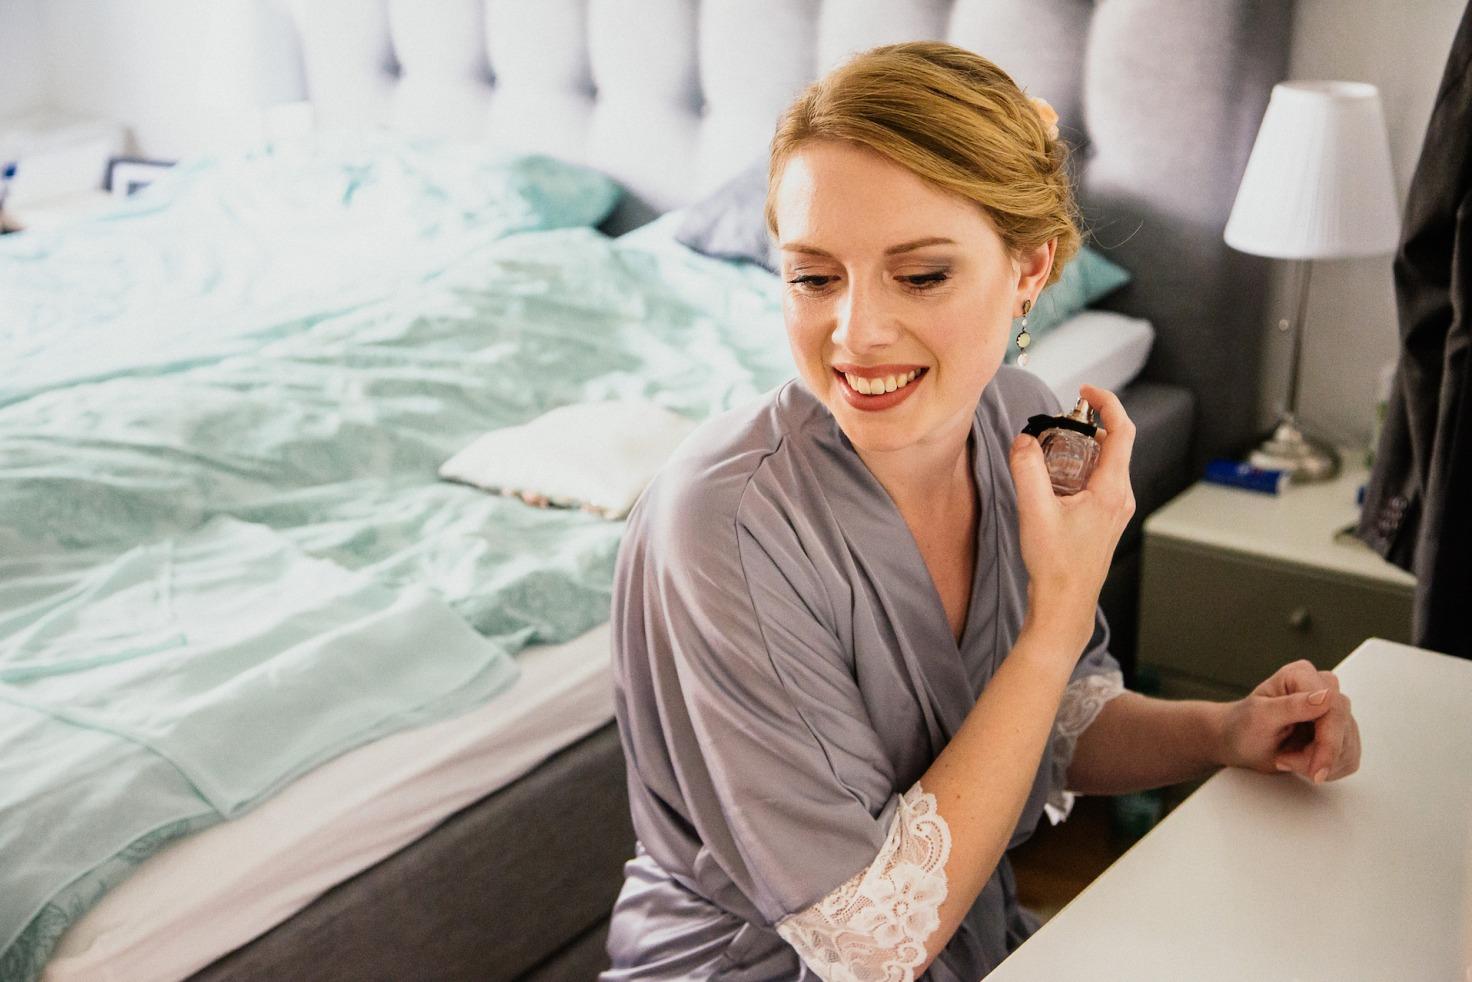 Hochzeit von Jennifer und Stefan in Münster: Braut trägt Parfüm auf